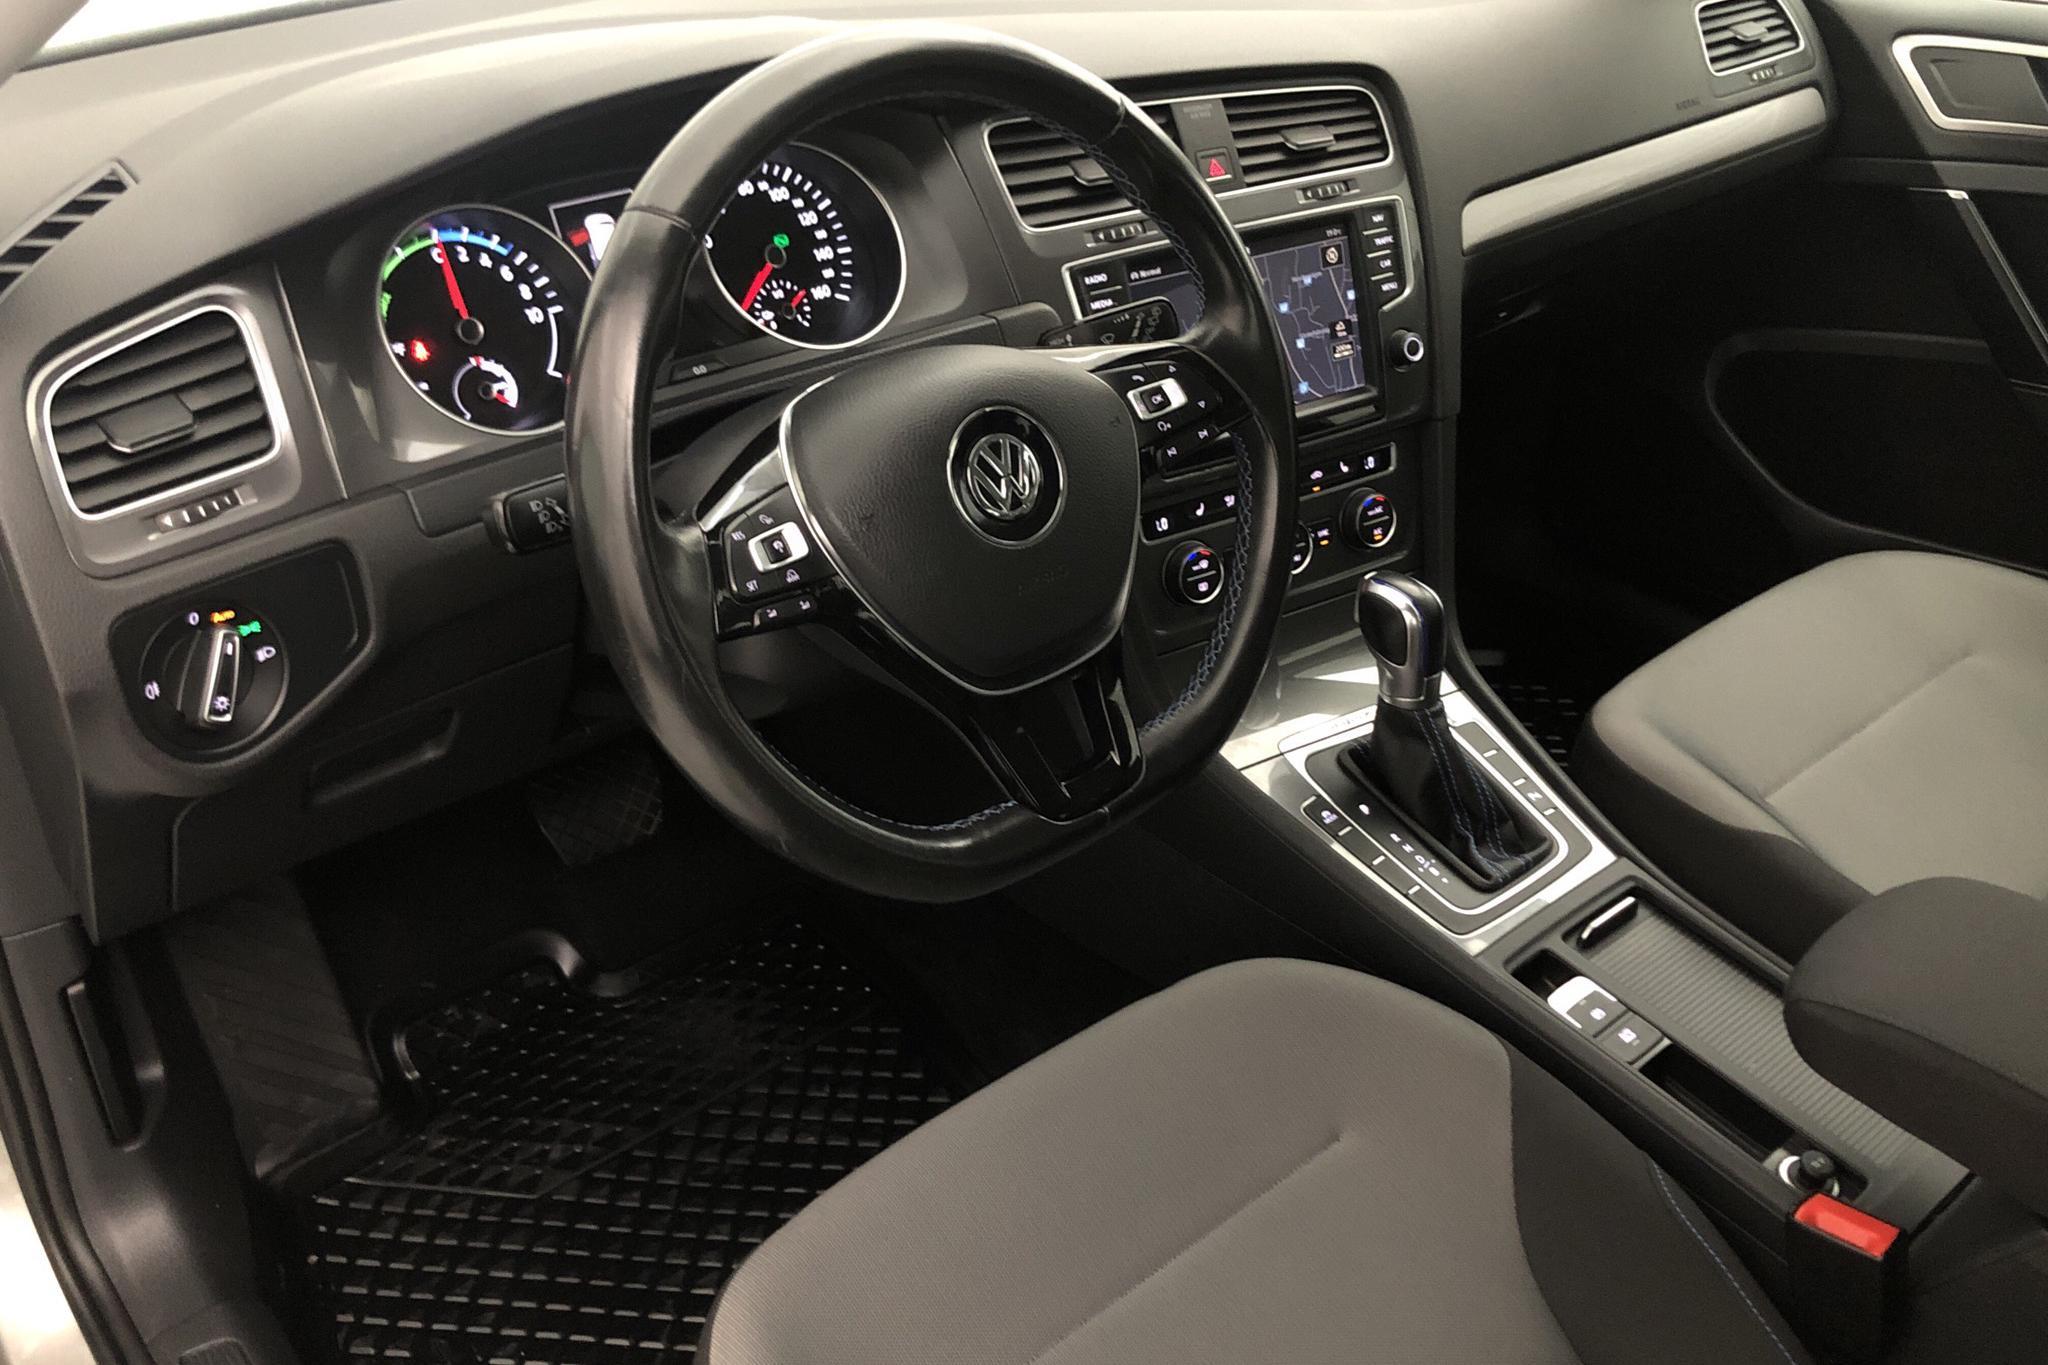 VW e-Golf VII 5dr (115hk) - 6 145 mil - Automat - silver - 2016